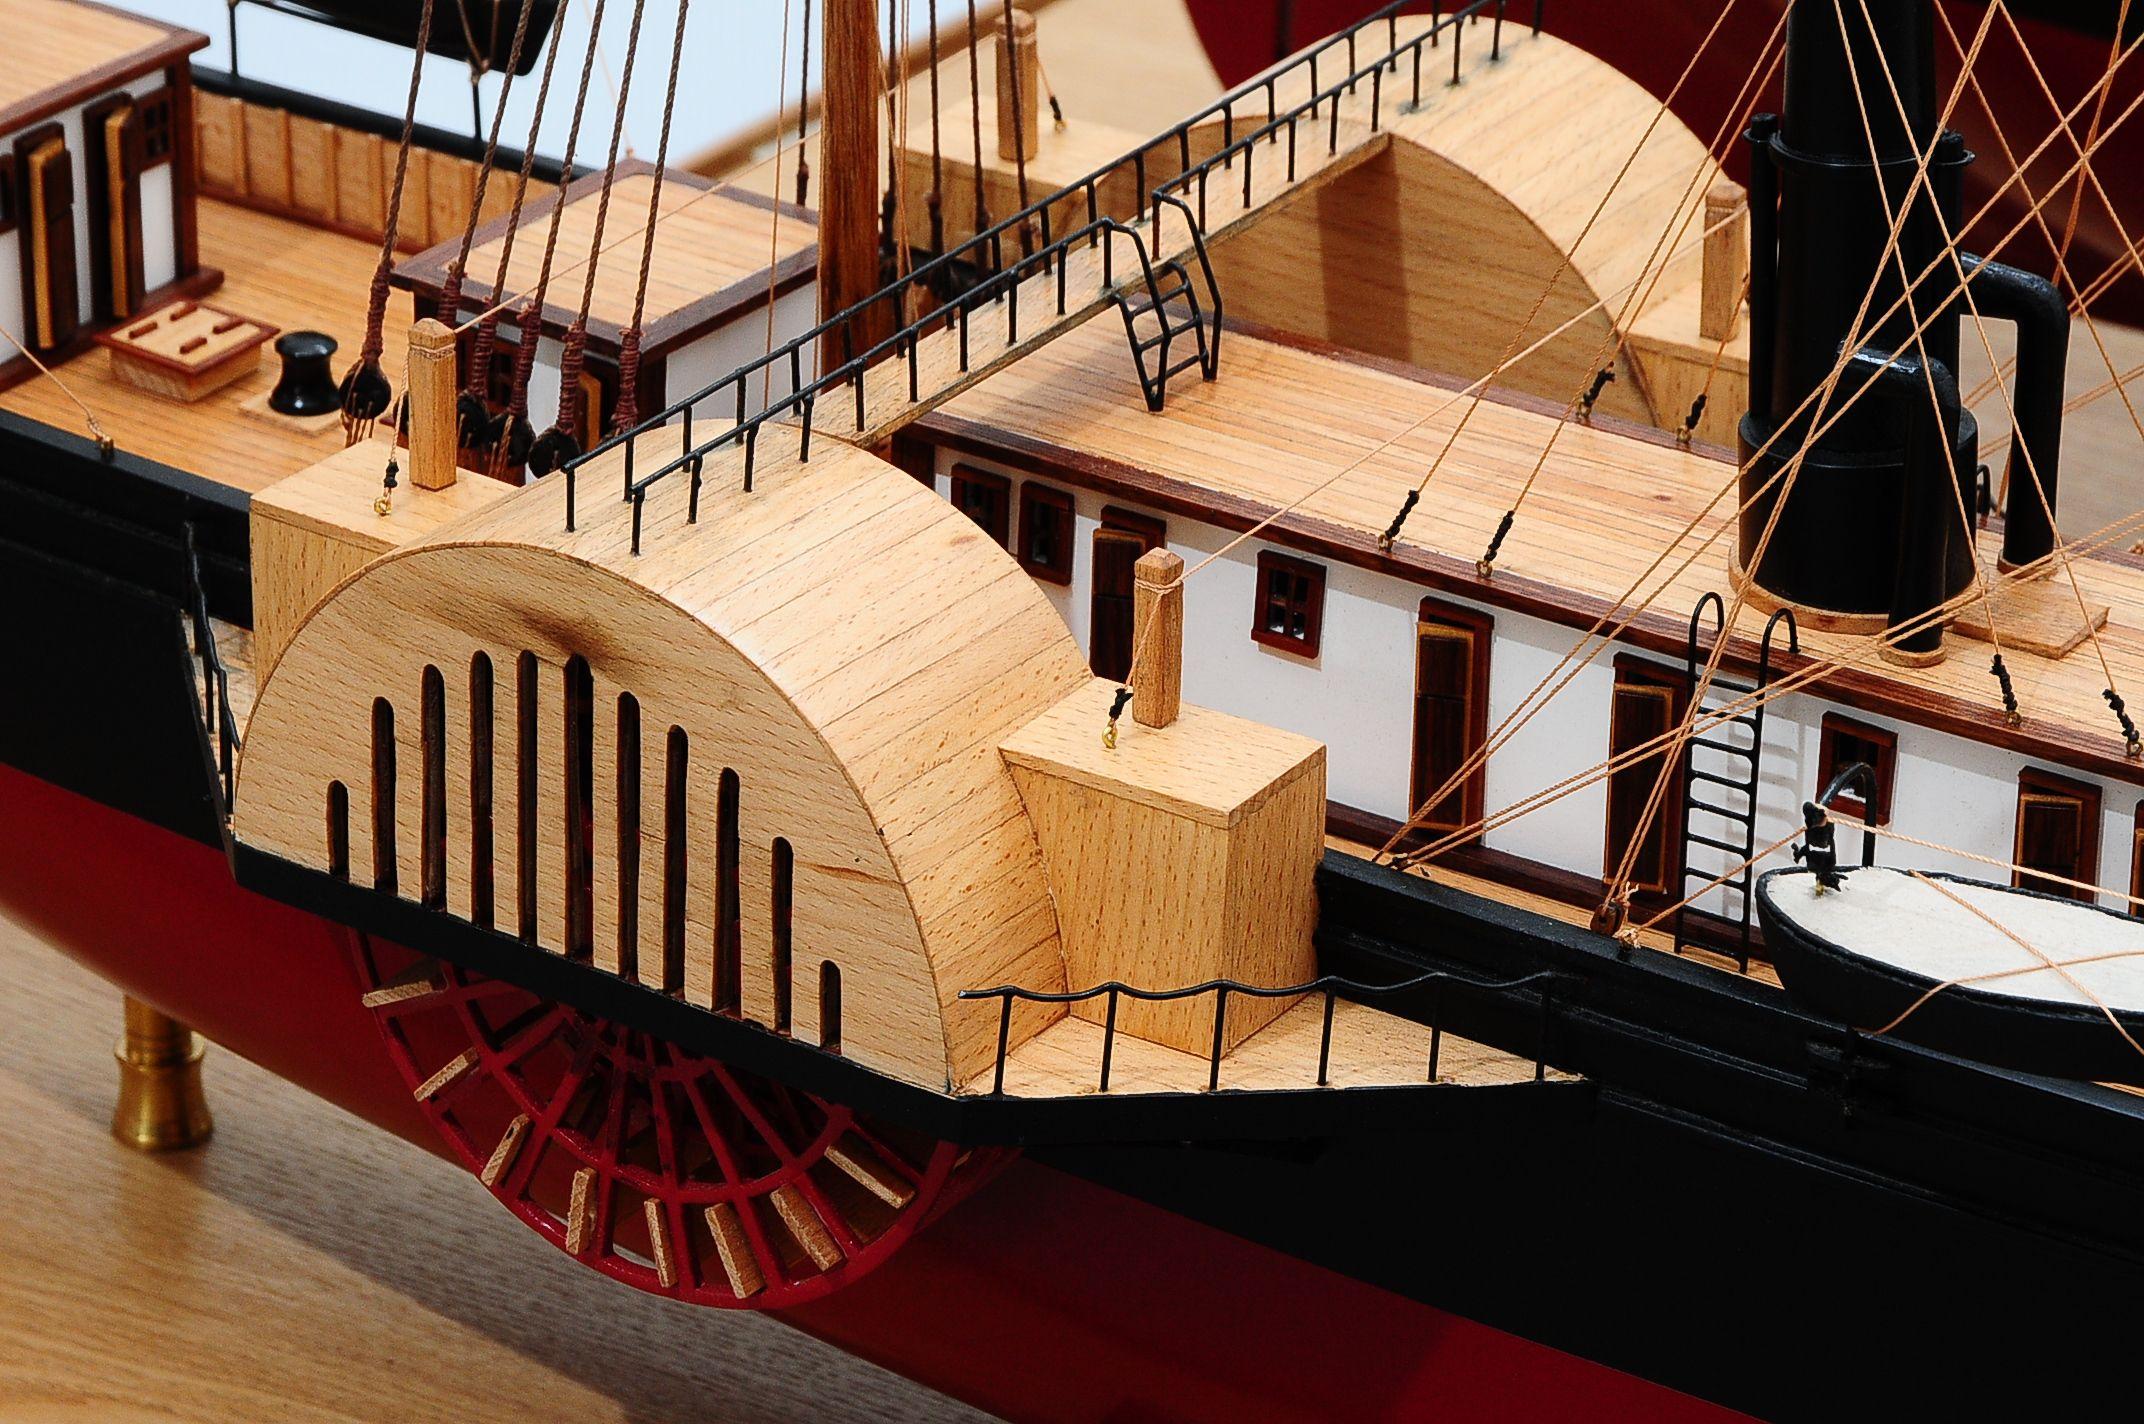 668-8655-California-Model-Ship-Premier-Range